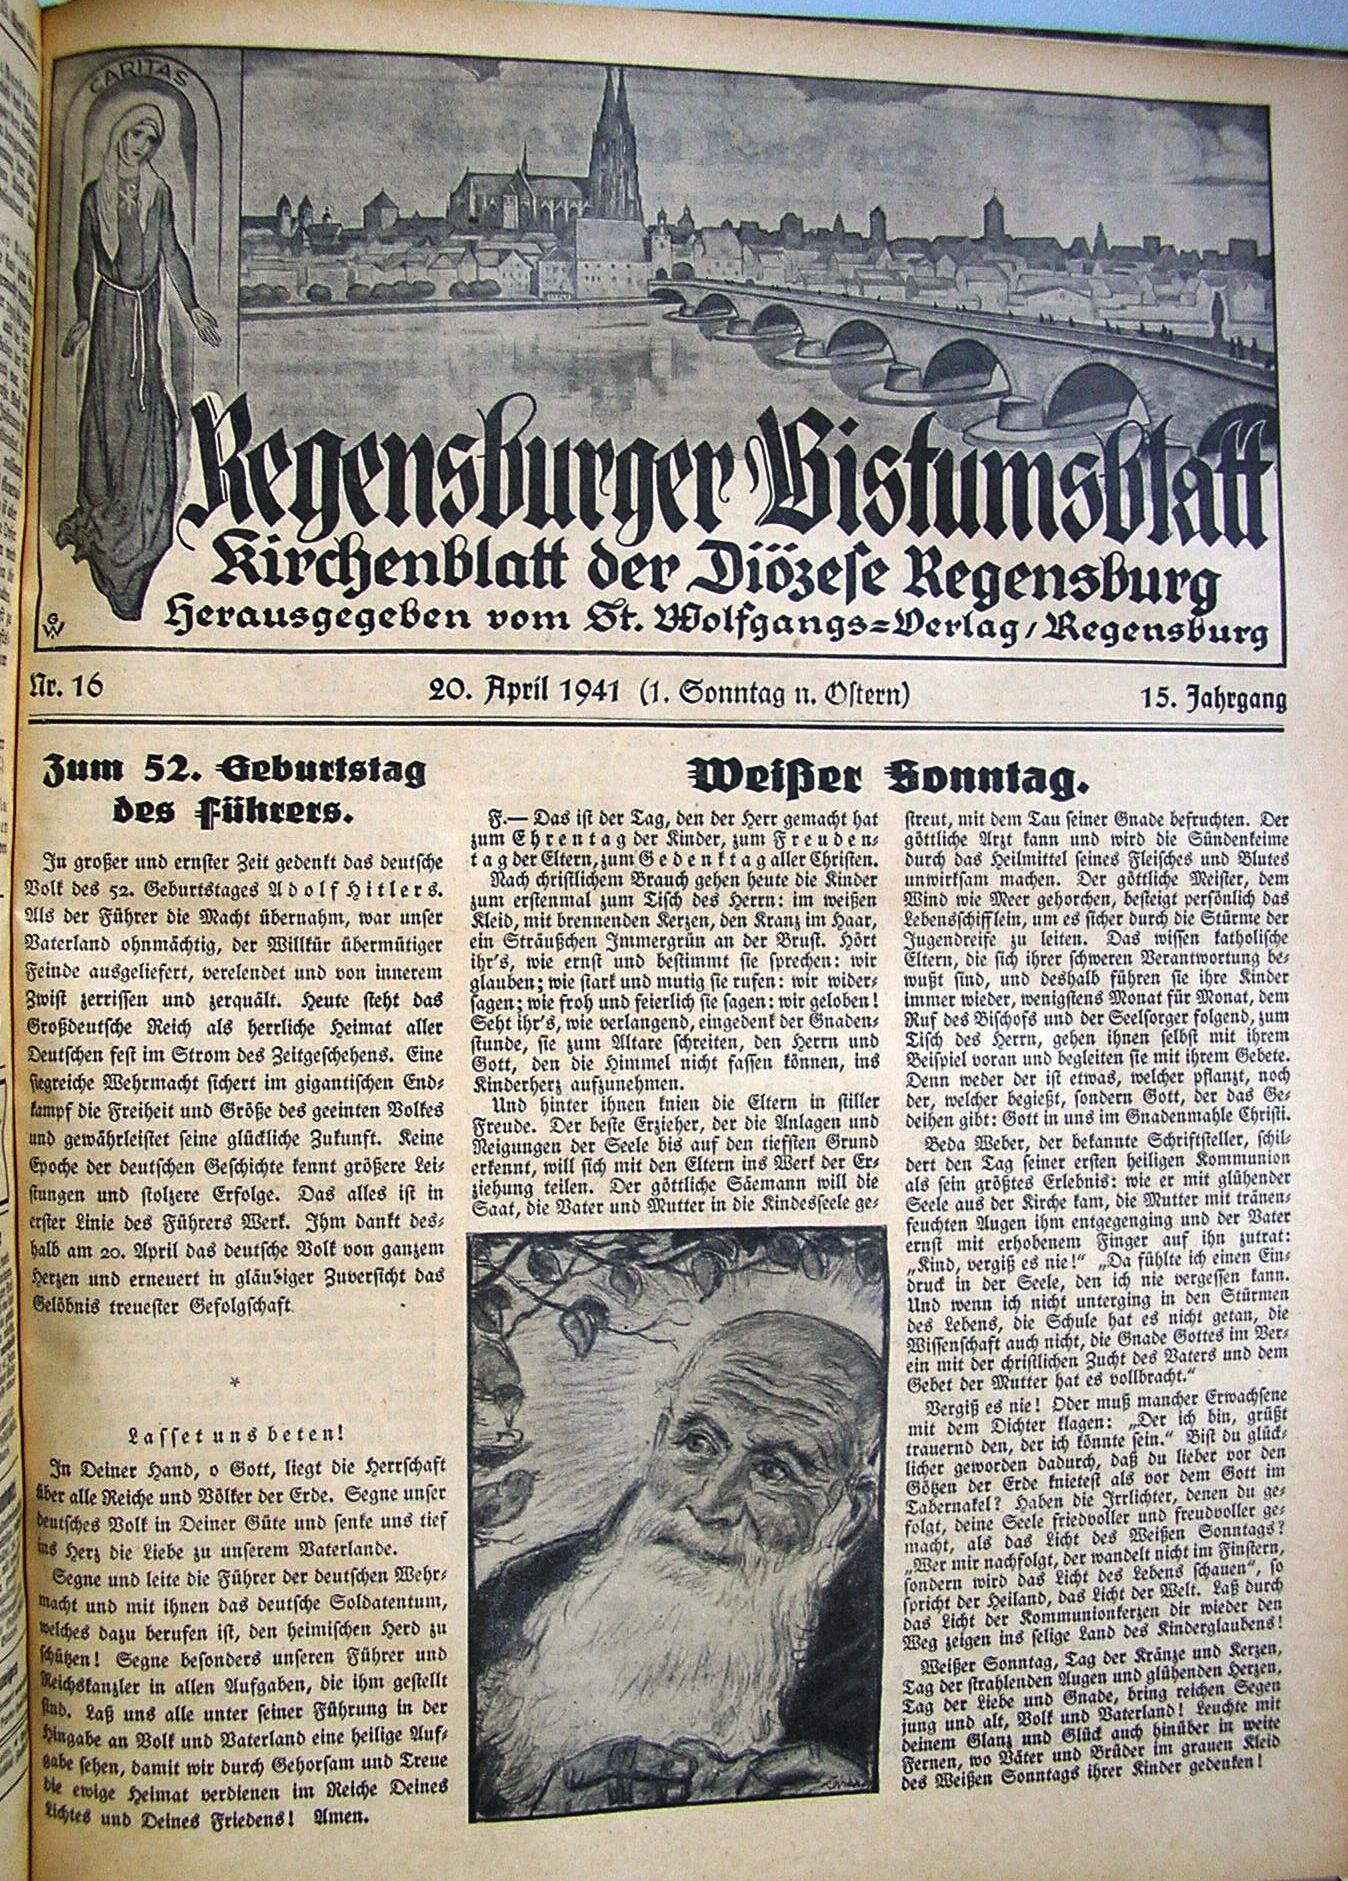 """Das Bistumsblatt jubiliert """"zum 52. Geburtstag des Führers""""."""